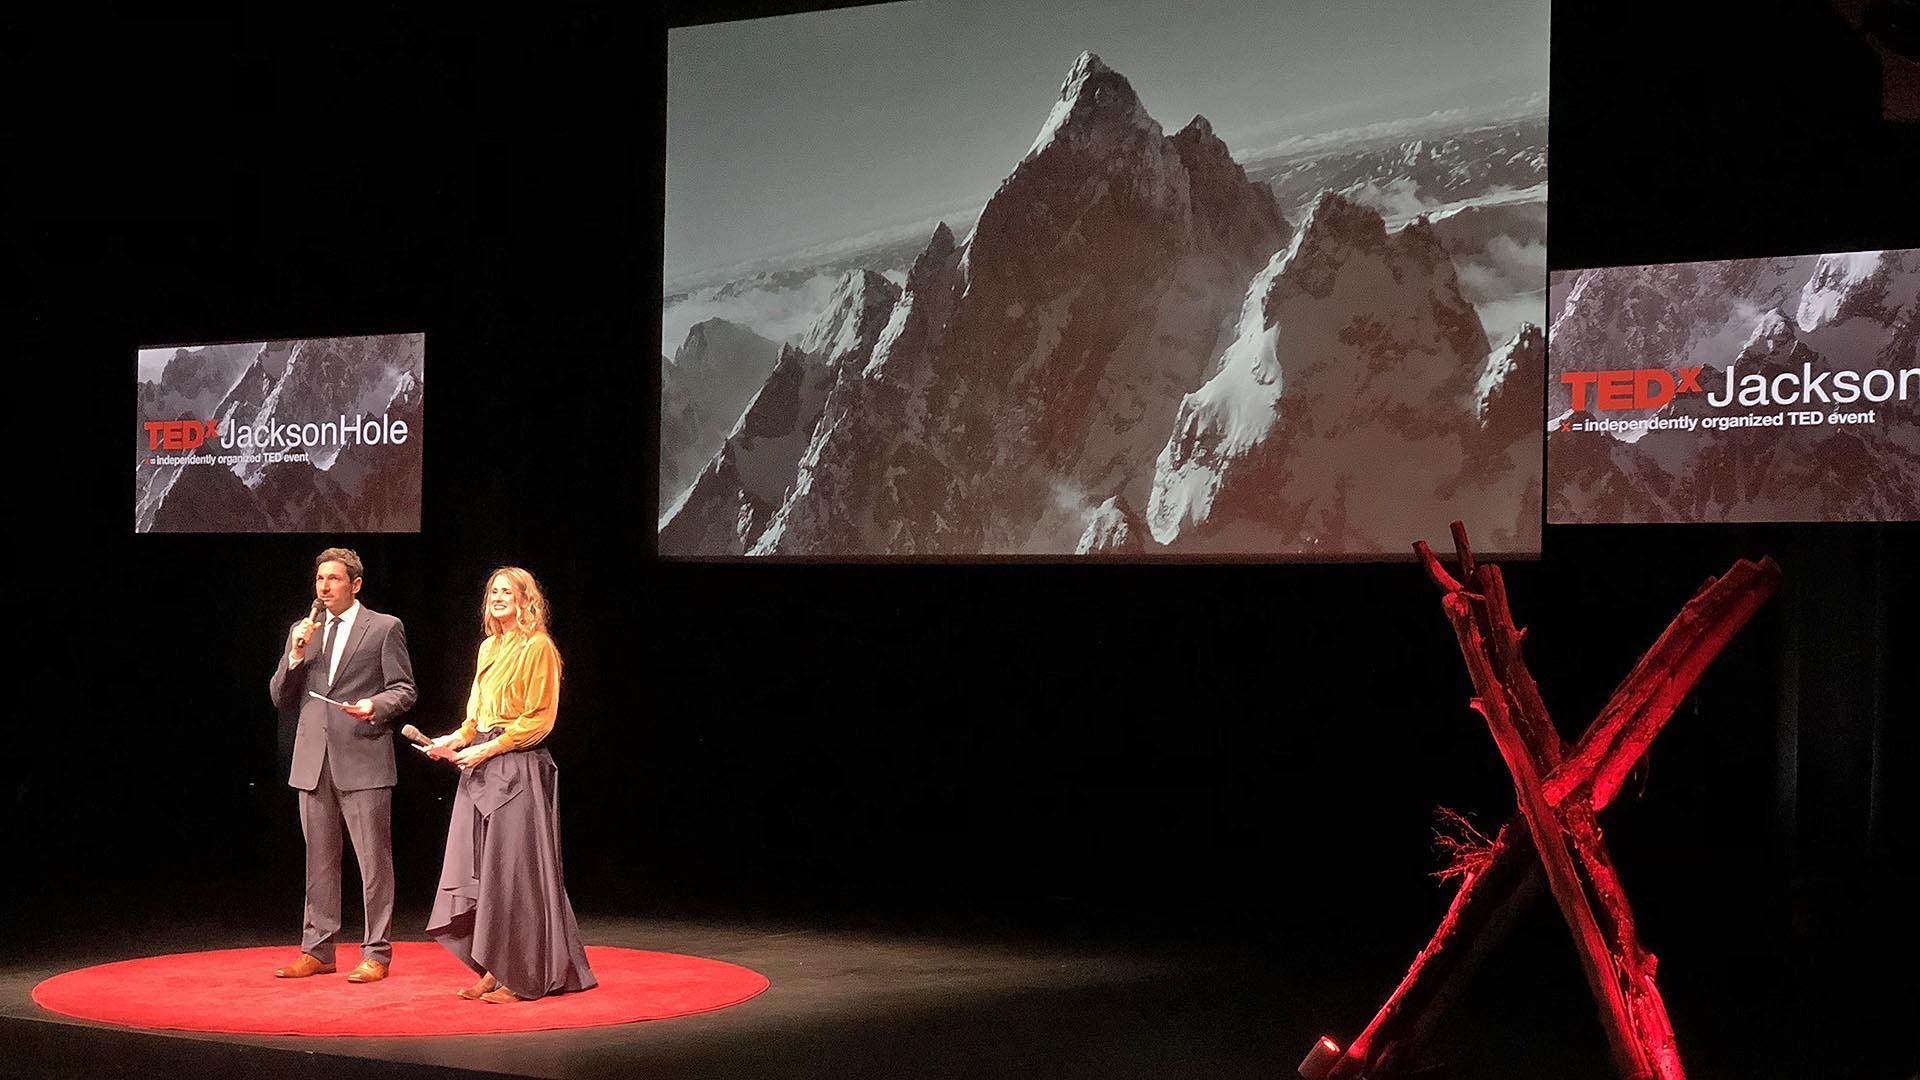 TEDxJacksonHole-2018 Jackson Hole, Wyoming